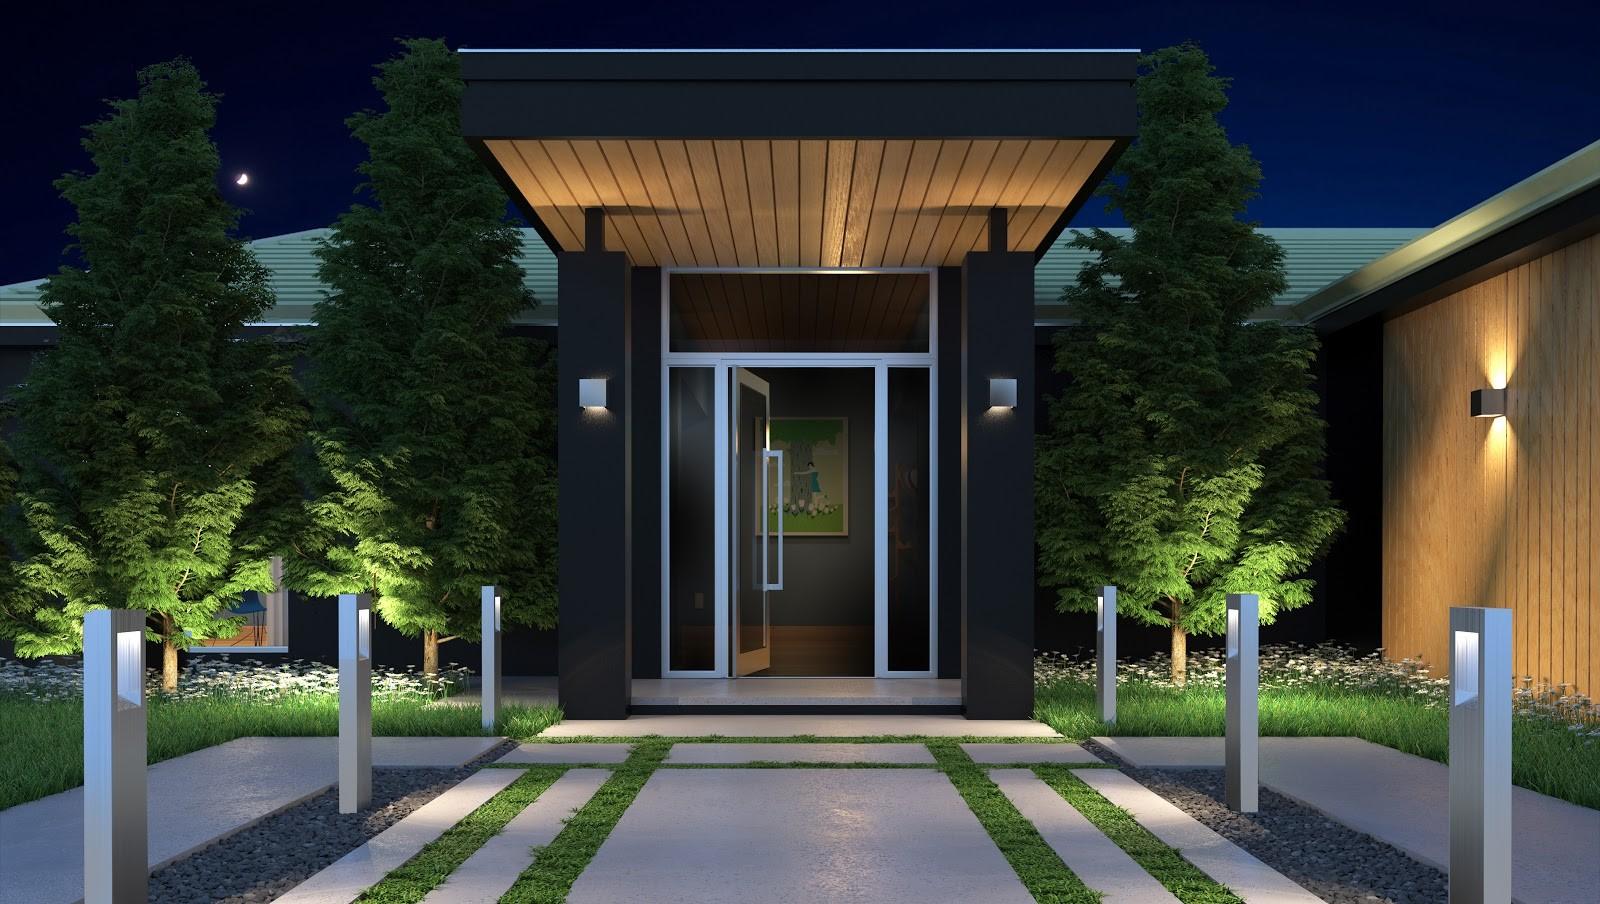 3 Best Lighting Fixtures to Illuminate Your Patio or Space door